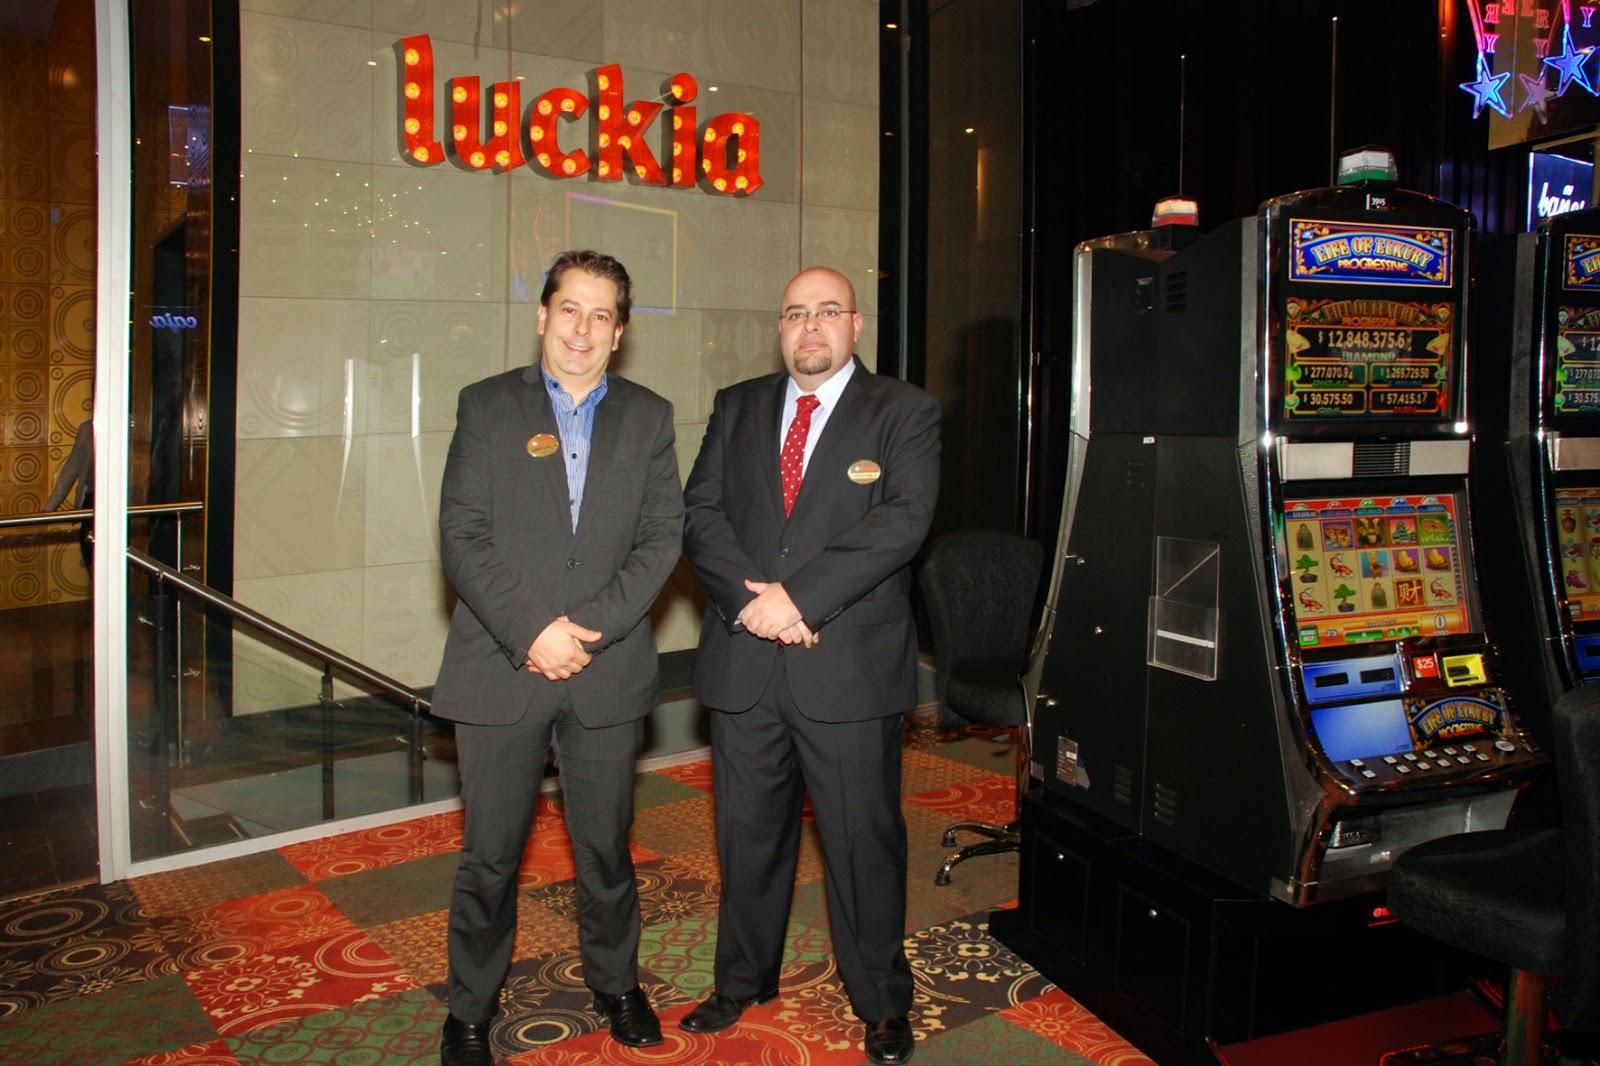 Luckia apuestas colombia juegos casinoCruise com 624951